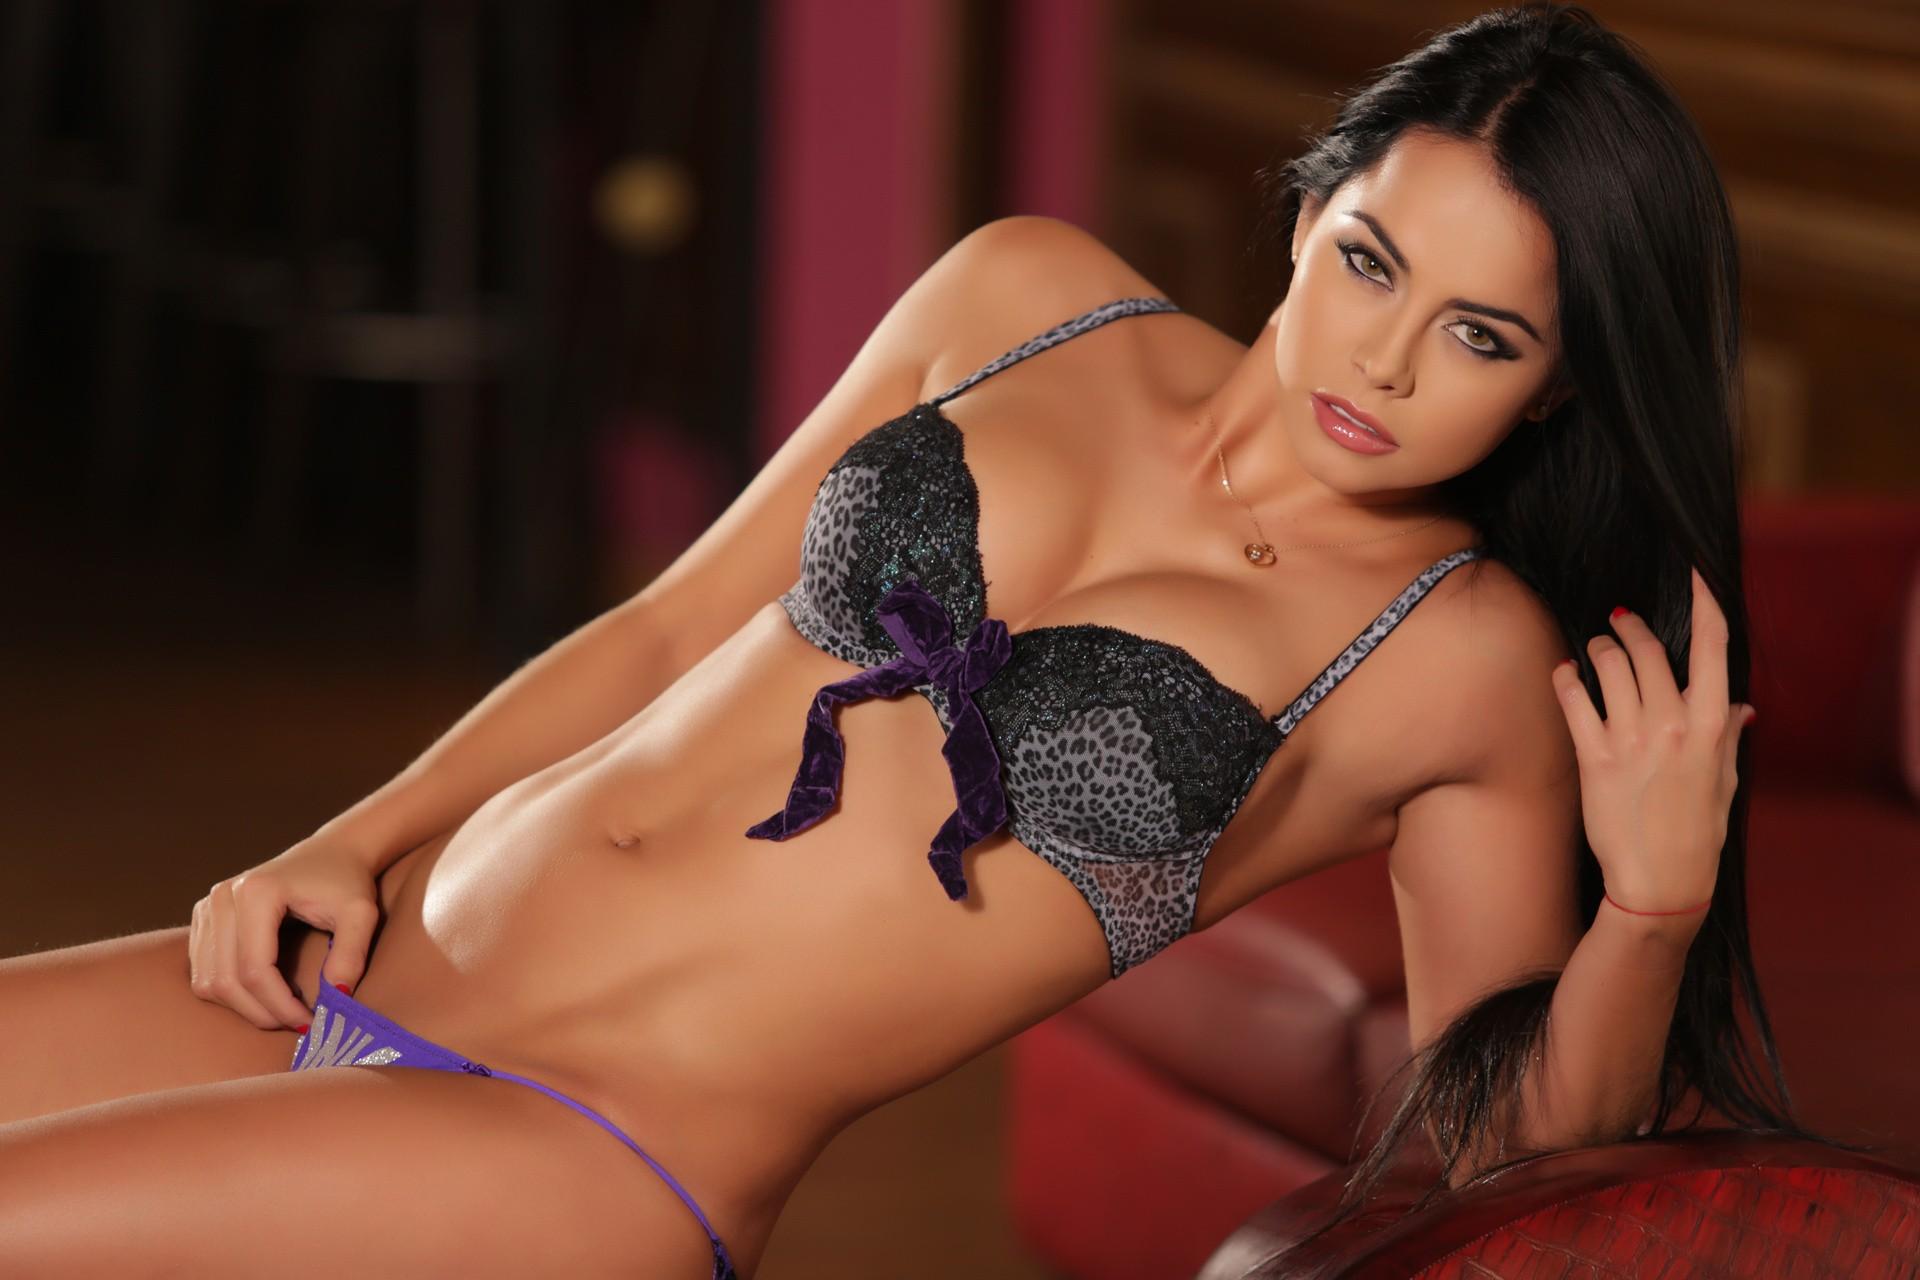 Michelle Sarmiento Images